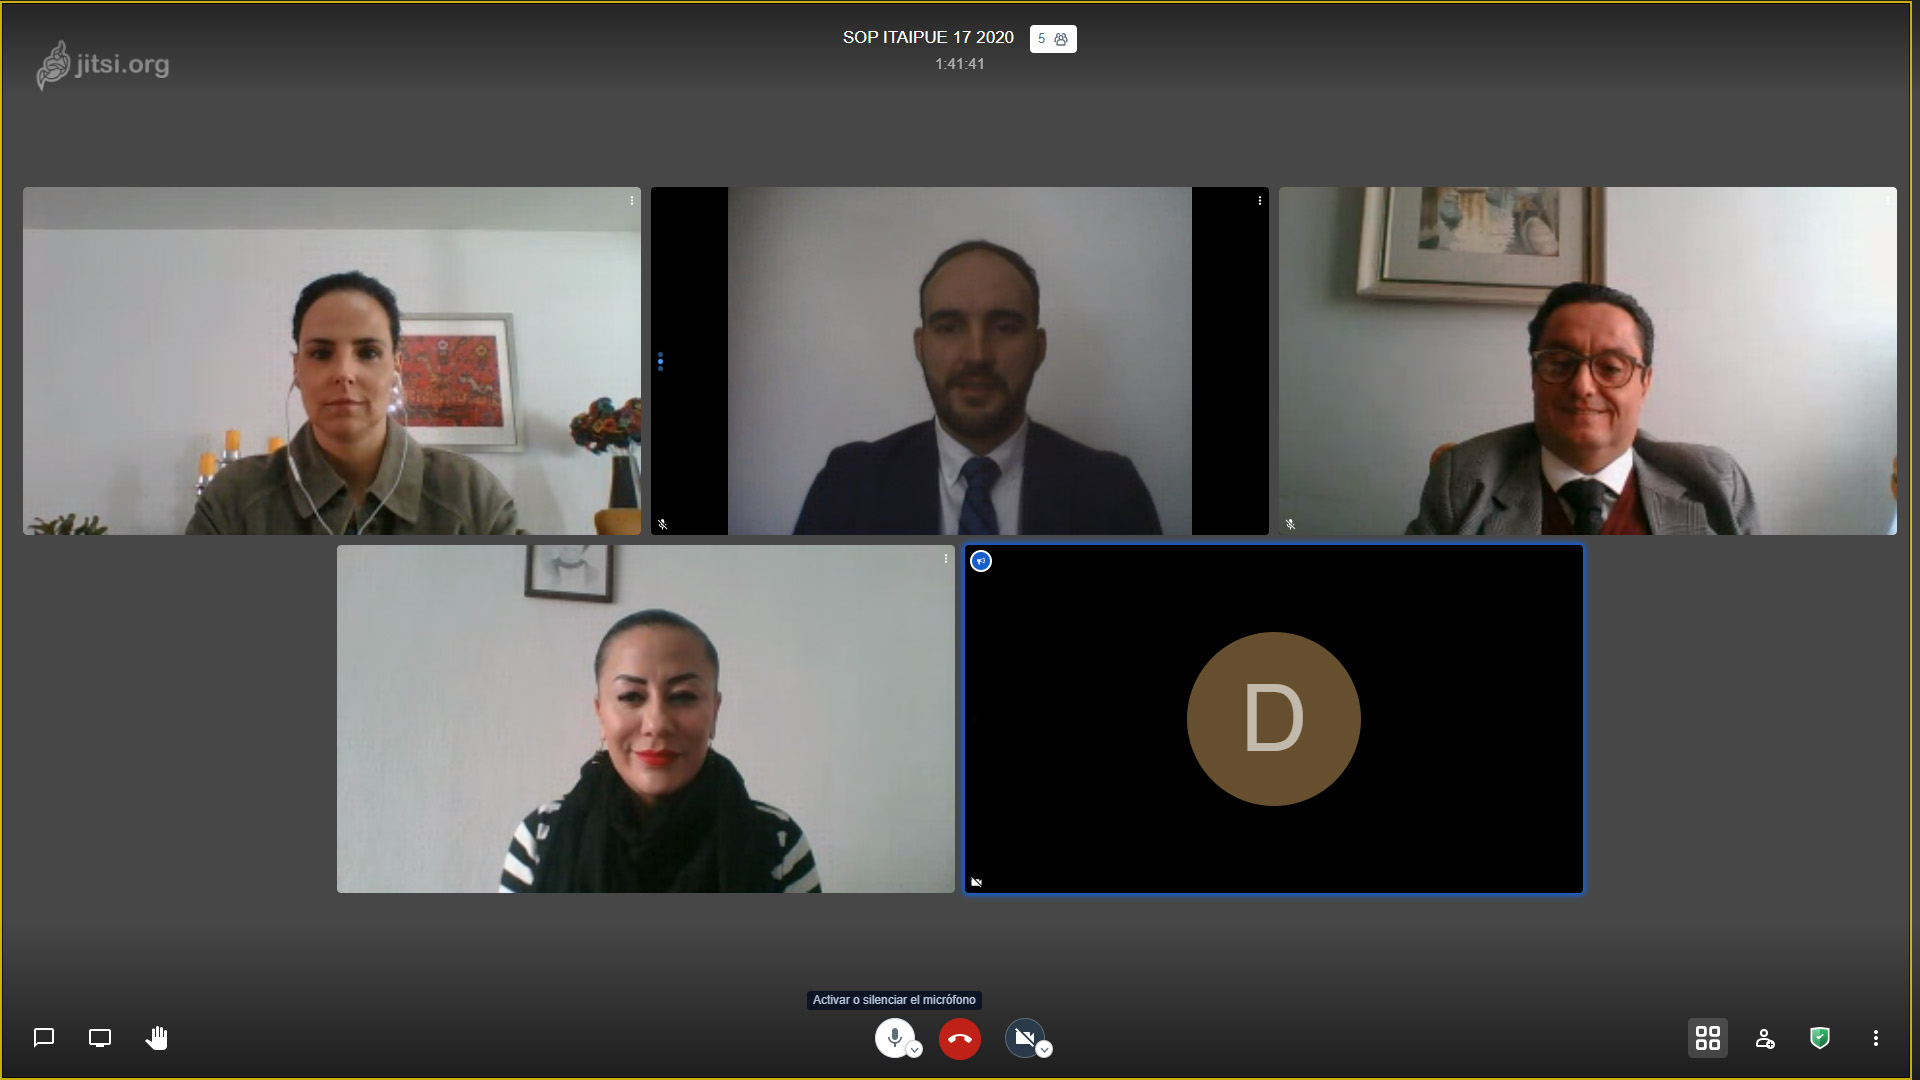 Sesiona ITAIPUE en pro de la transparencia